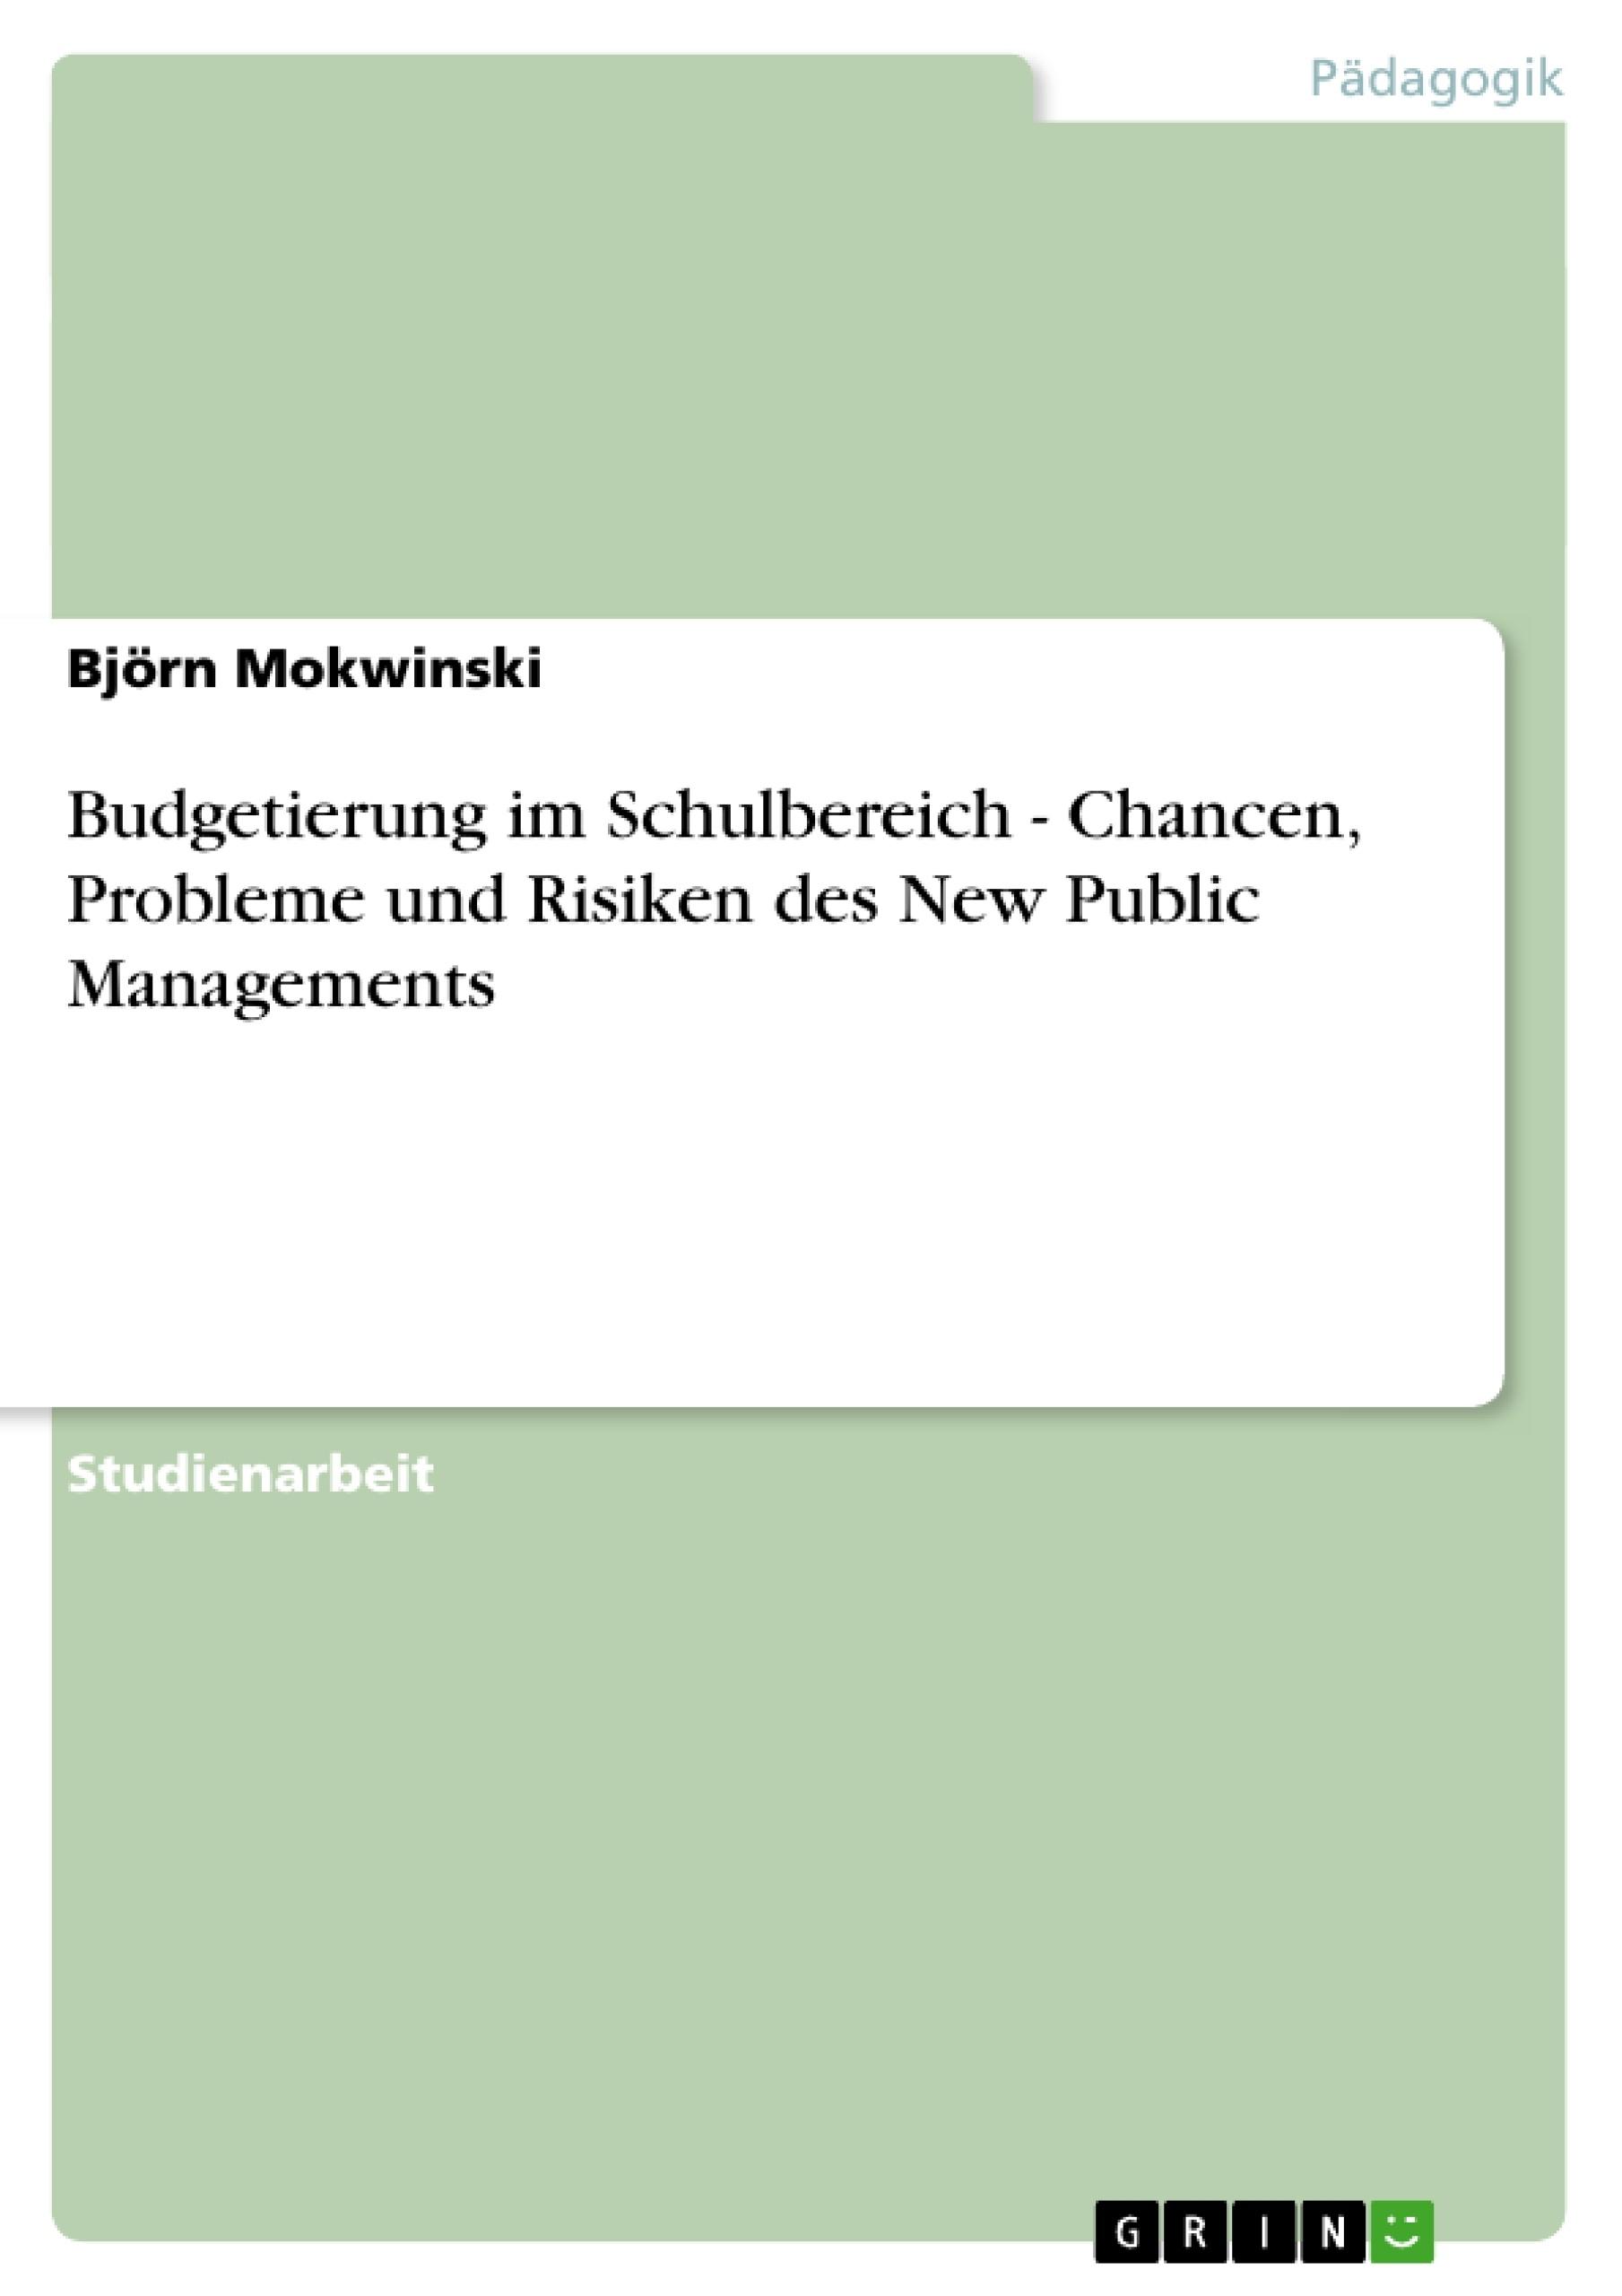 Titel: Budgetierung im Schulbereich - Chancen, Probleme und Risiken des New Public Managements